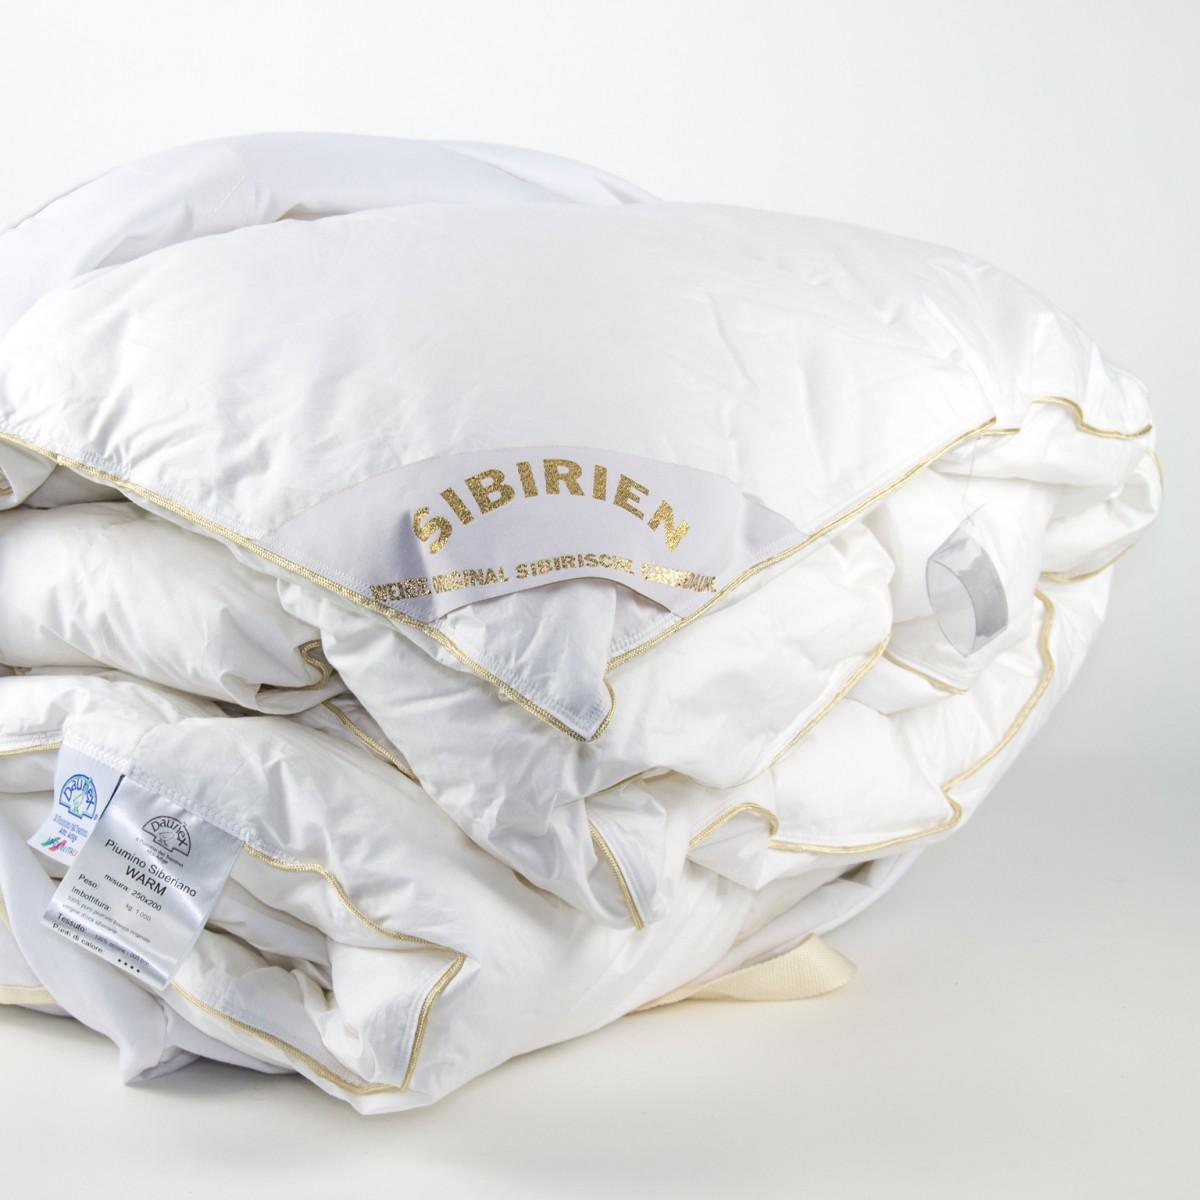 Одеяло пуховое всесезонное 200х220 Siberiano от Daunex